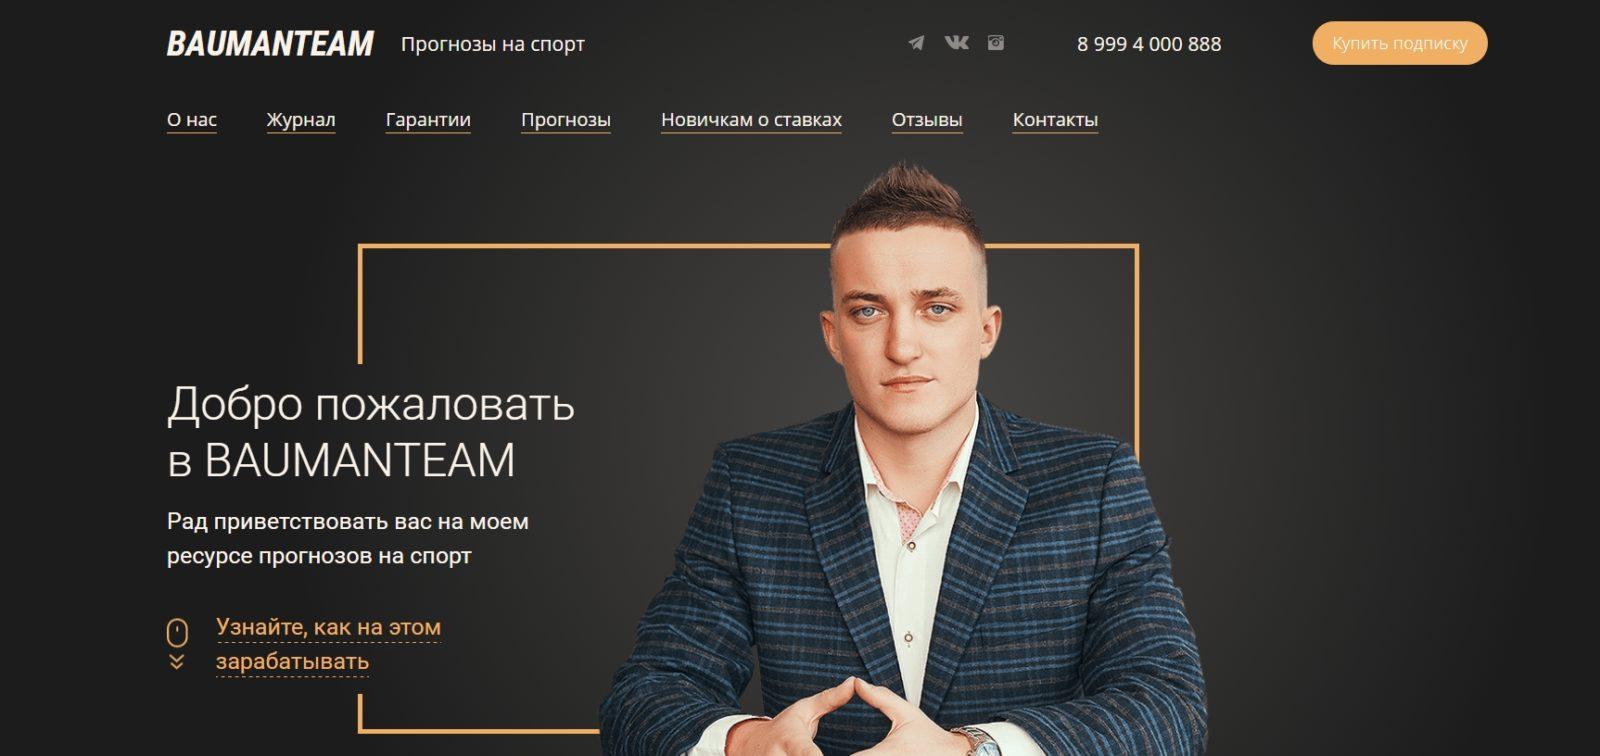 Сайт каппера Кирилл Баумана Baumanteam ru